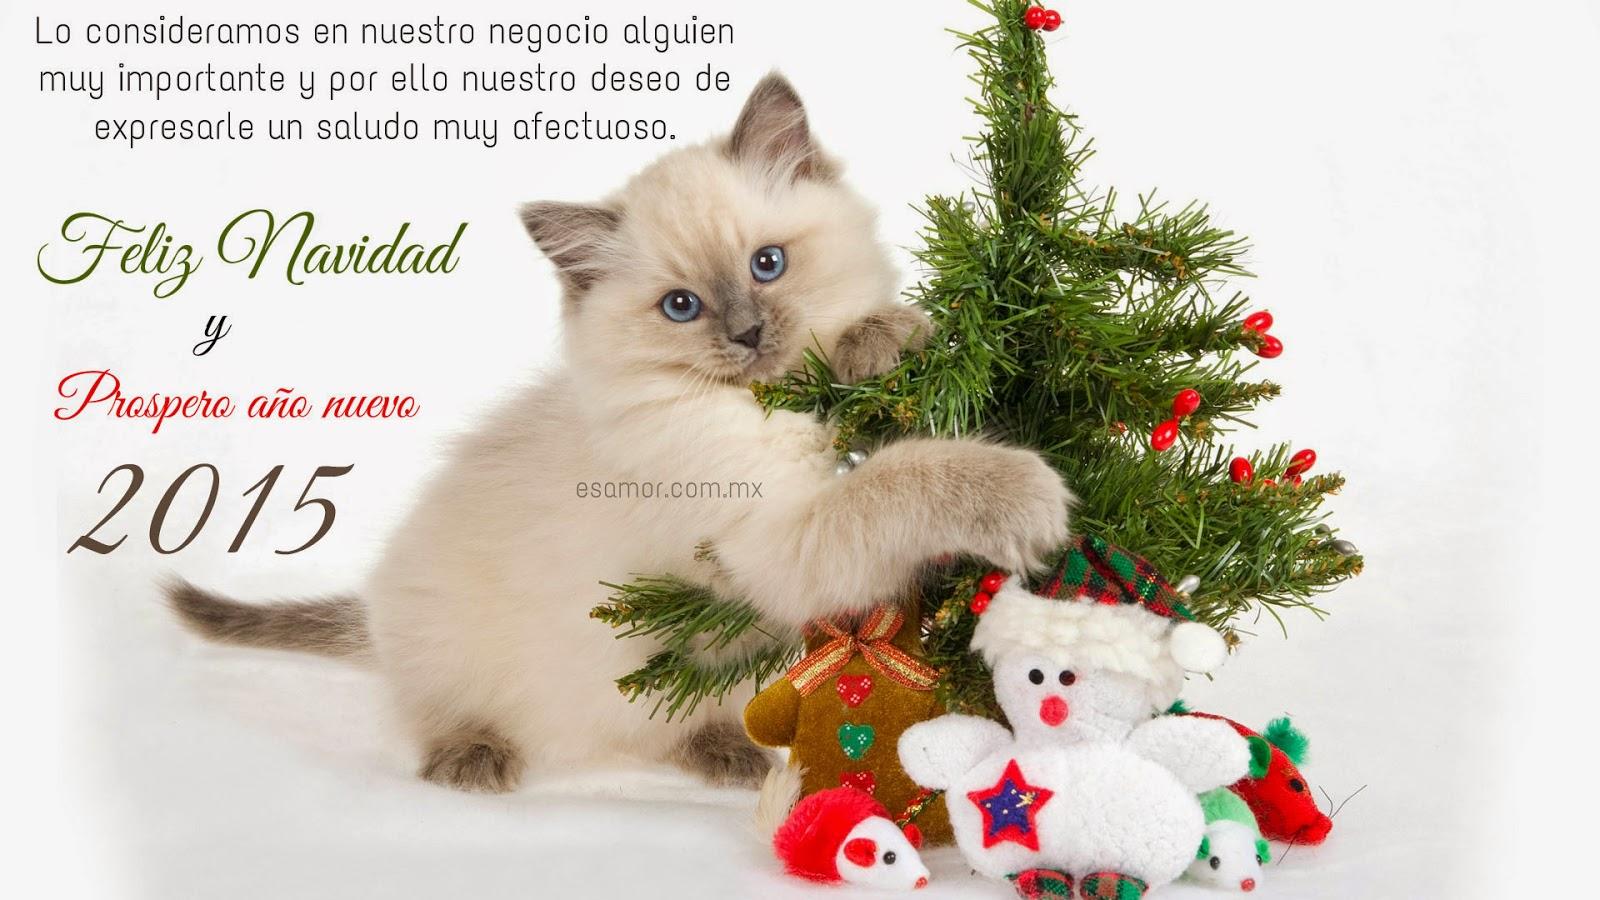 Frases de navidad y año nuevo para clientes 2015